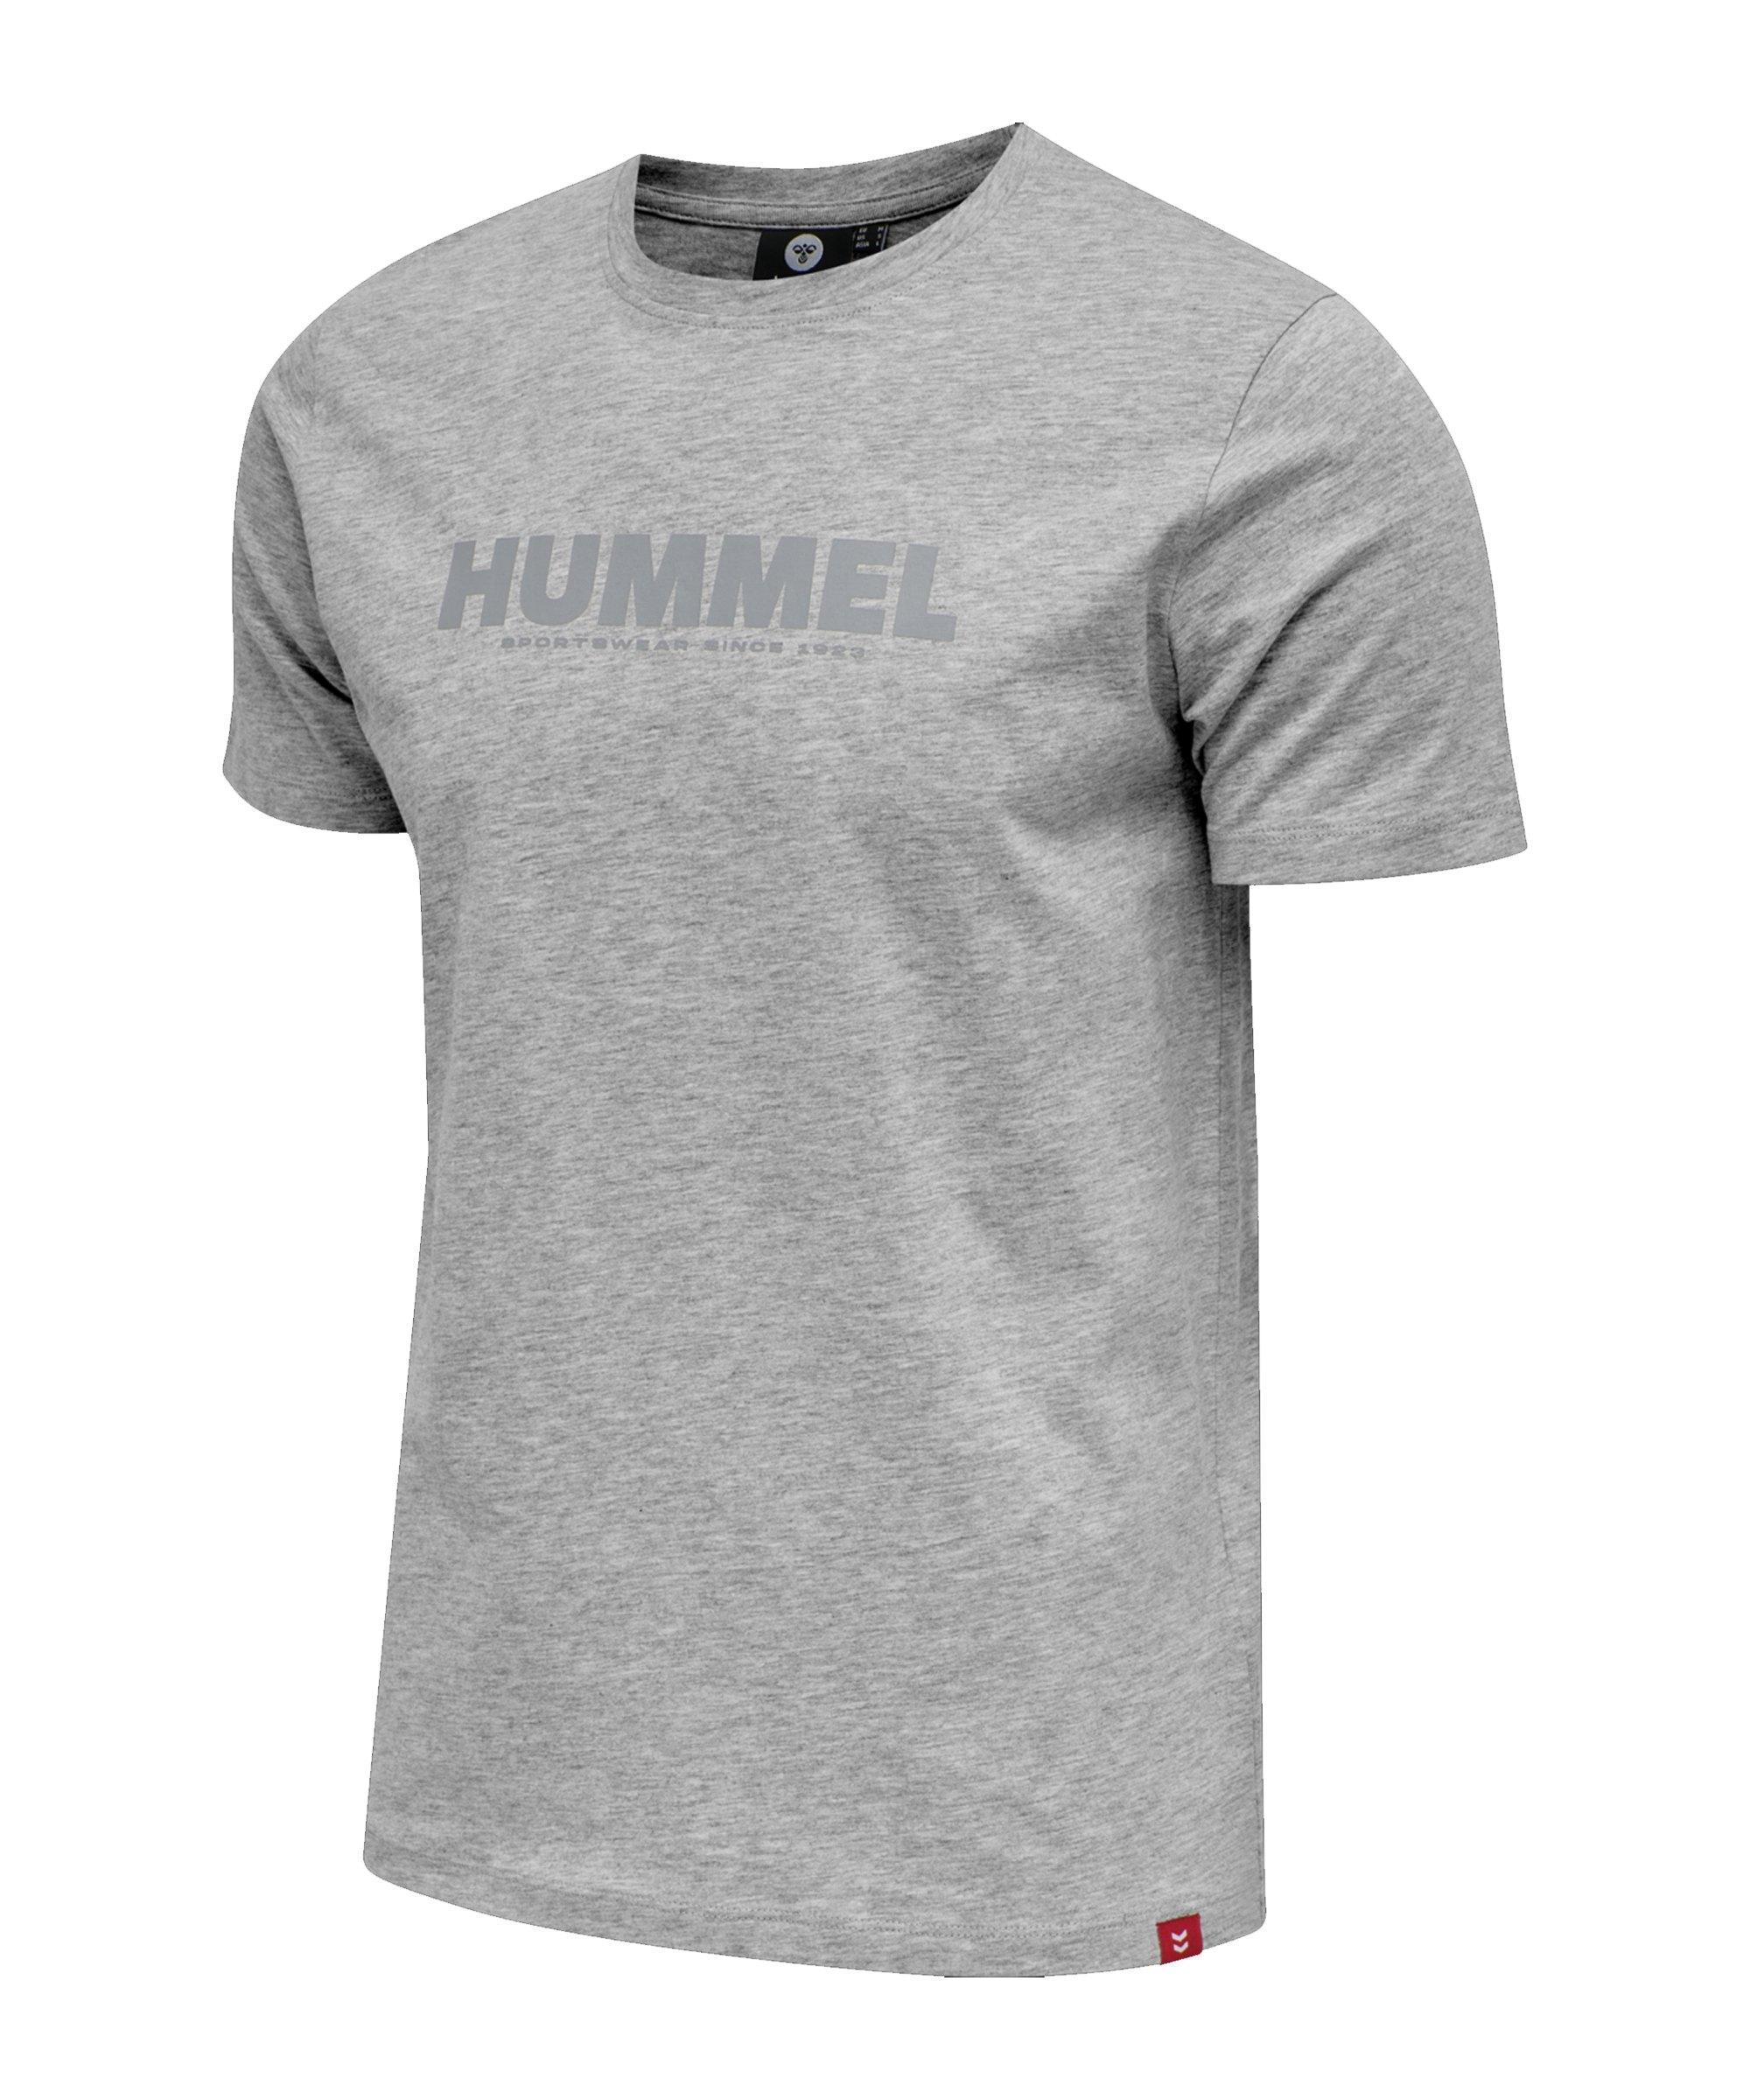 Hummel Legacy T-Shirt Grau F2006 - grau